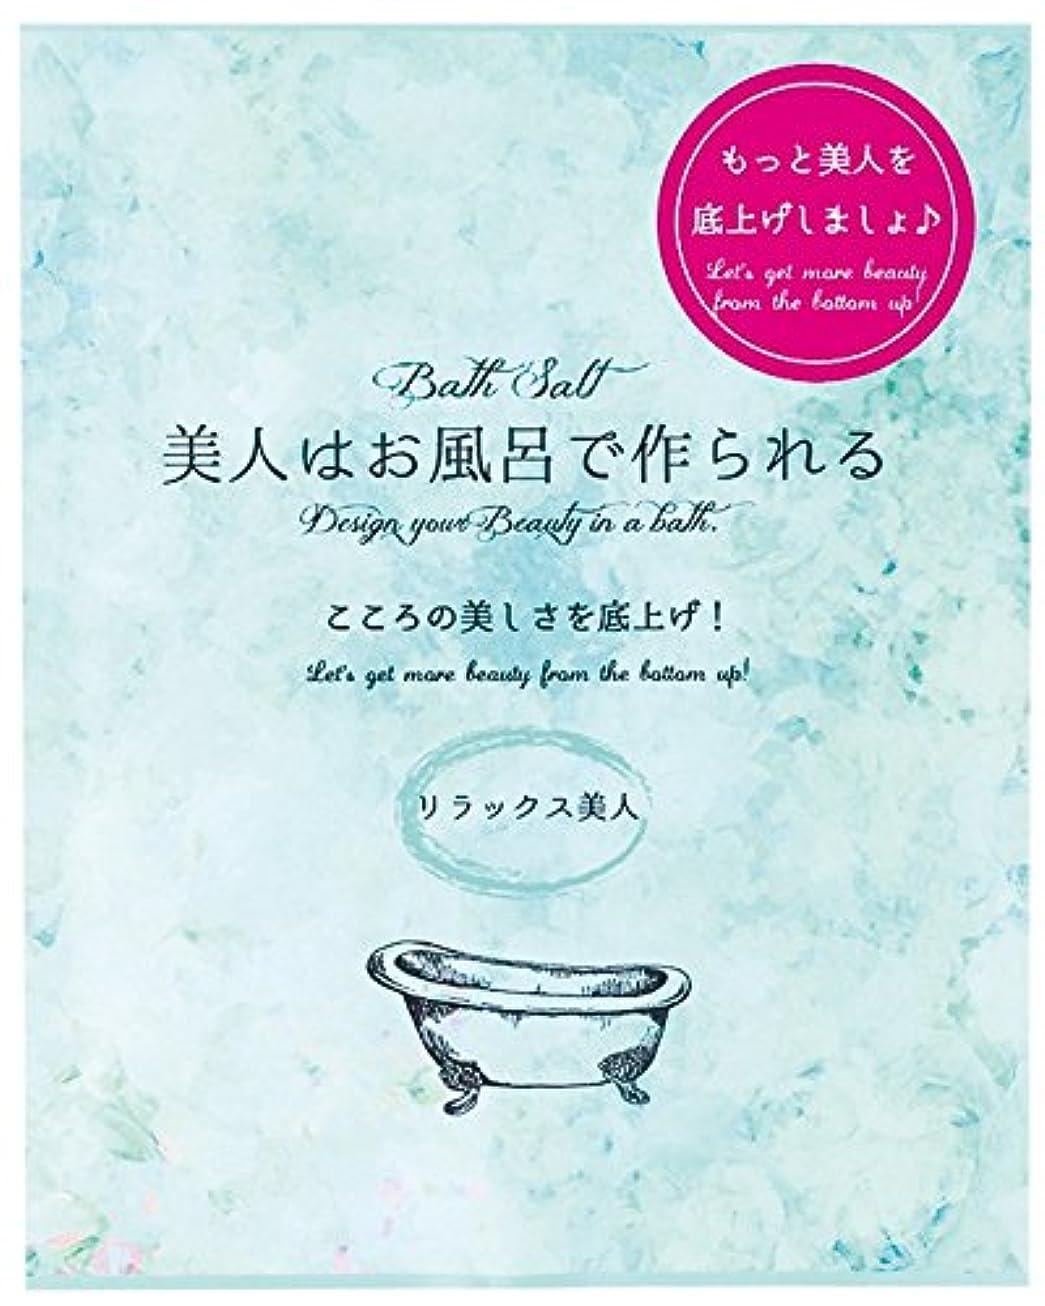 暗殺者ダンス噛むノルコーポレーション 入浴剤 セット 美人はお風呂で作られる バスソルト 55g 10包 乳白色 リラックス美人 OB-BZN-1-4